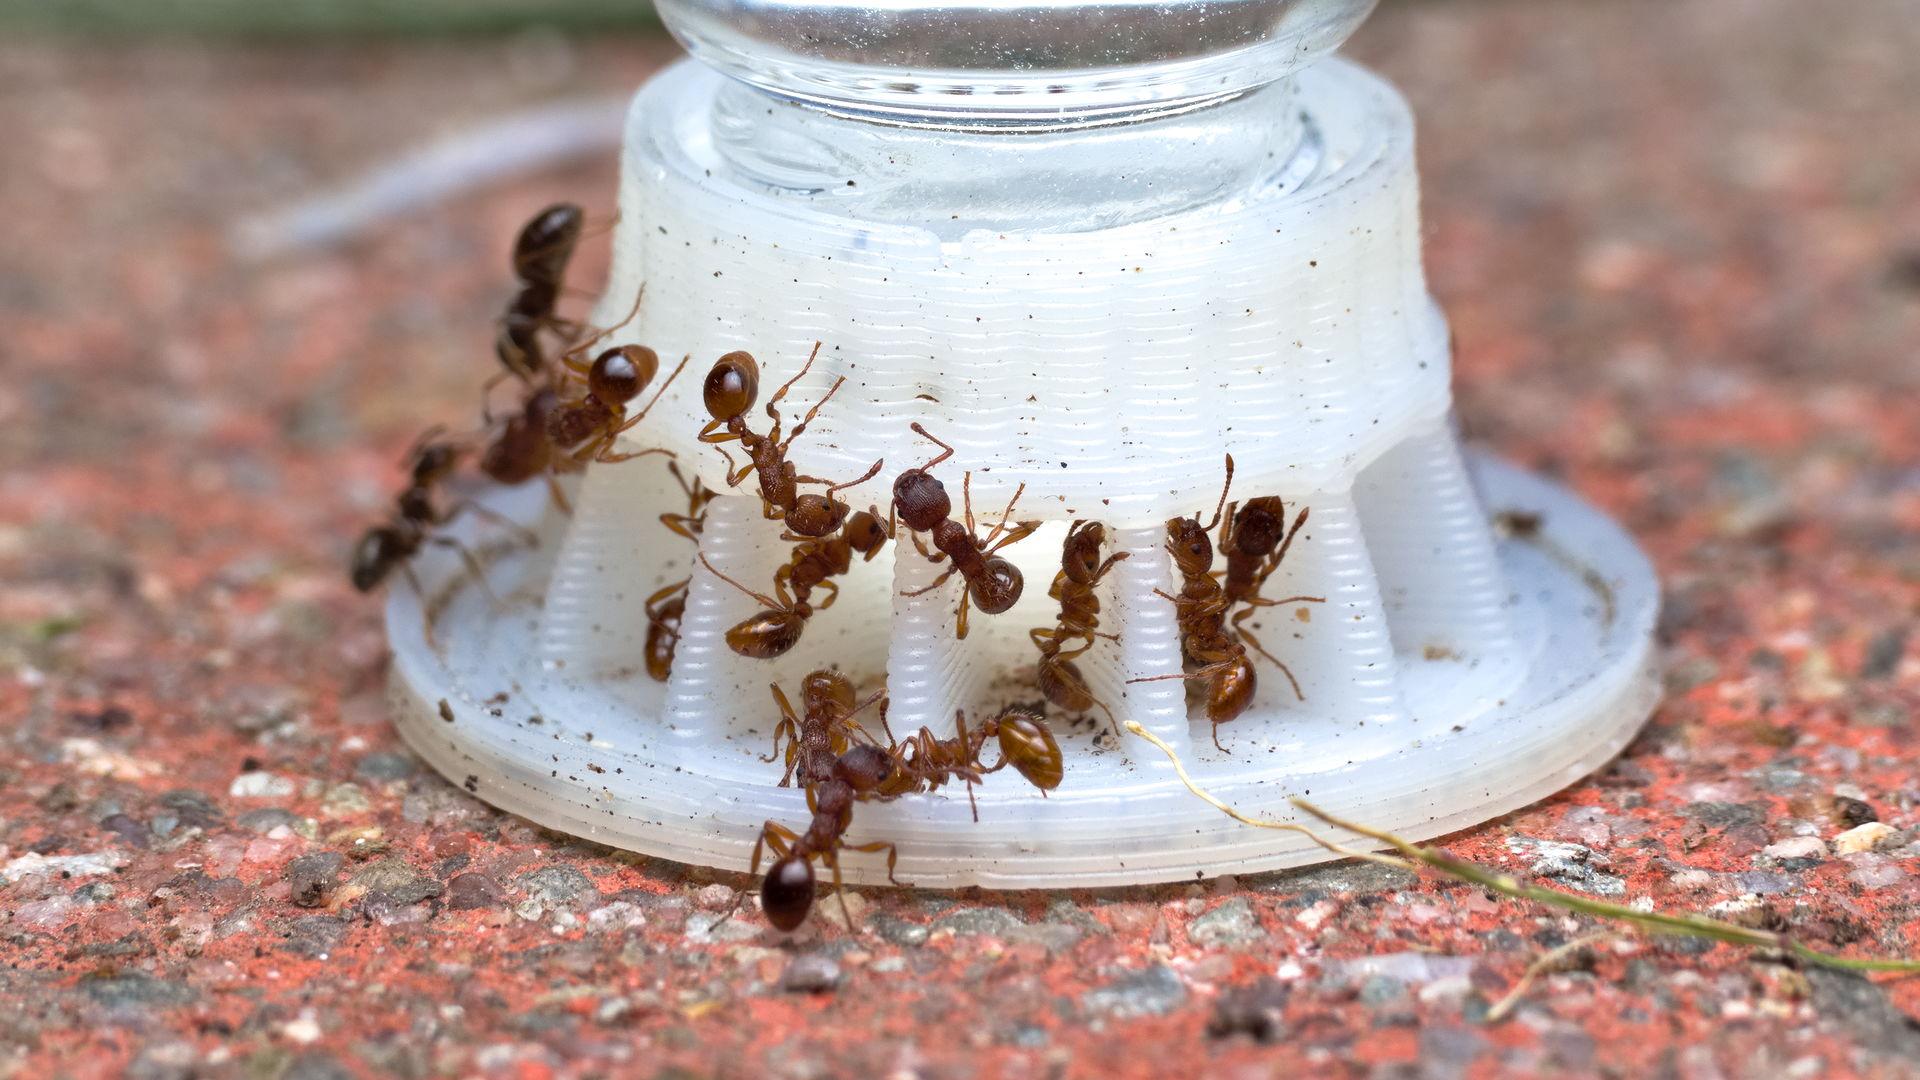 Mehrere Myrmica sp. Arbeiterinnen trinken Zuckerwasser von einer byFormica Ameisentränke